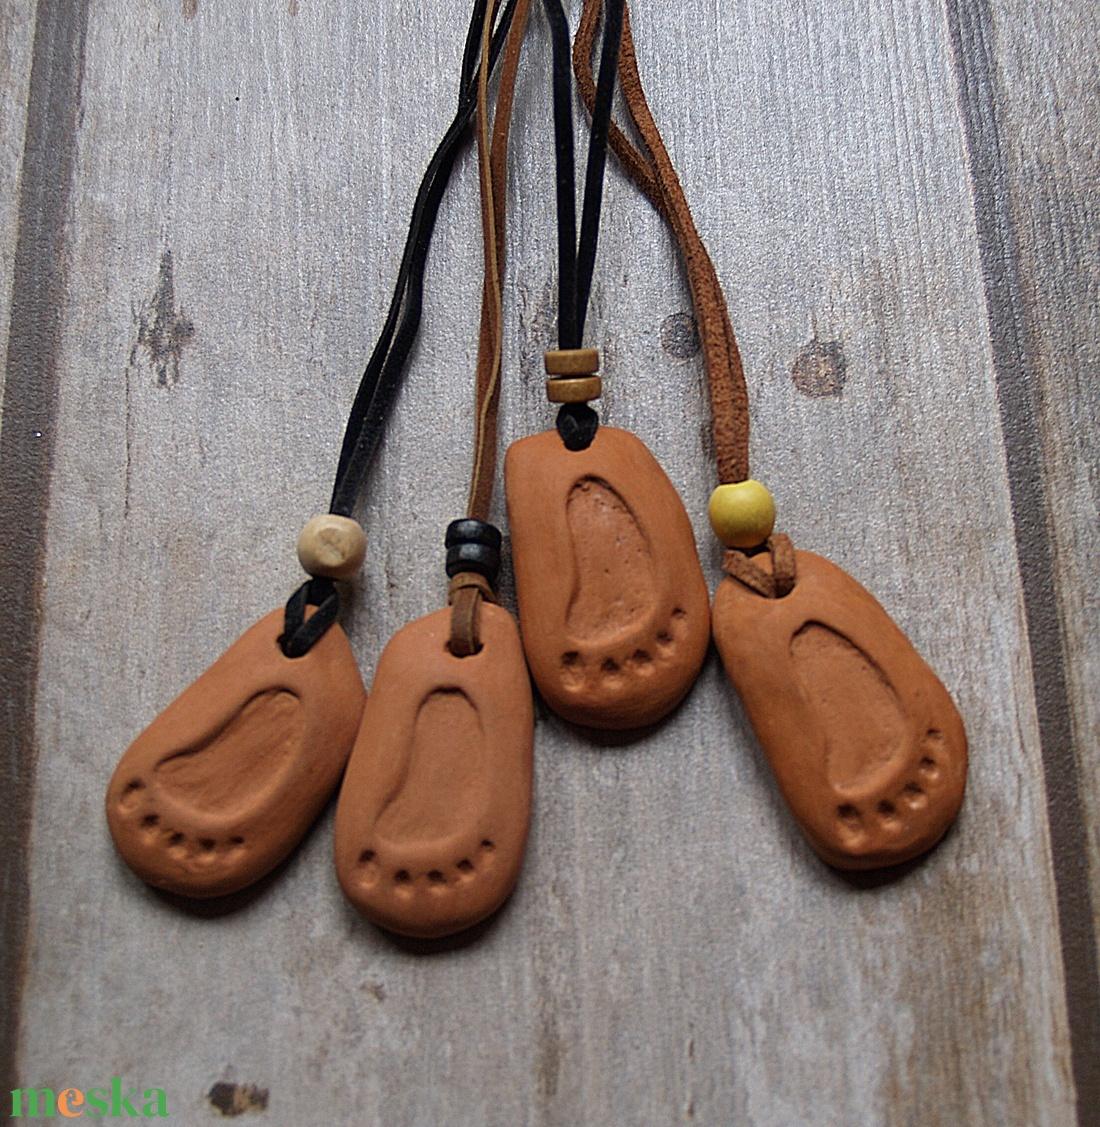 Csapatösszetartó lábnyom emlék medál,nyaklánc Több vásárlása esetén akció! - ékszer - nyaklánc - medálos nyaklánc - Meska.hu